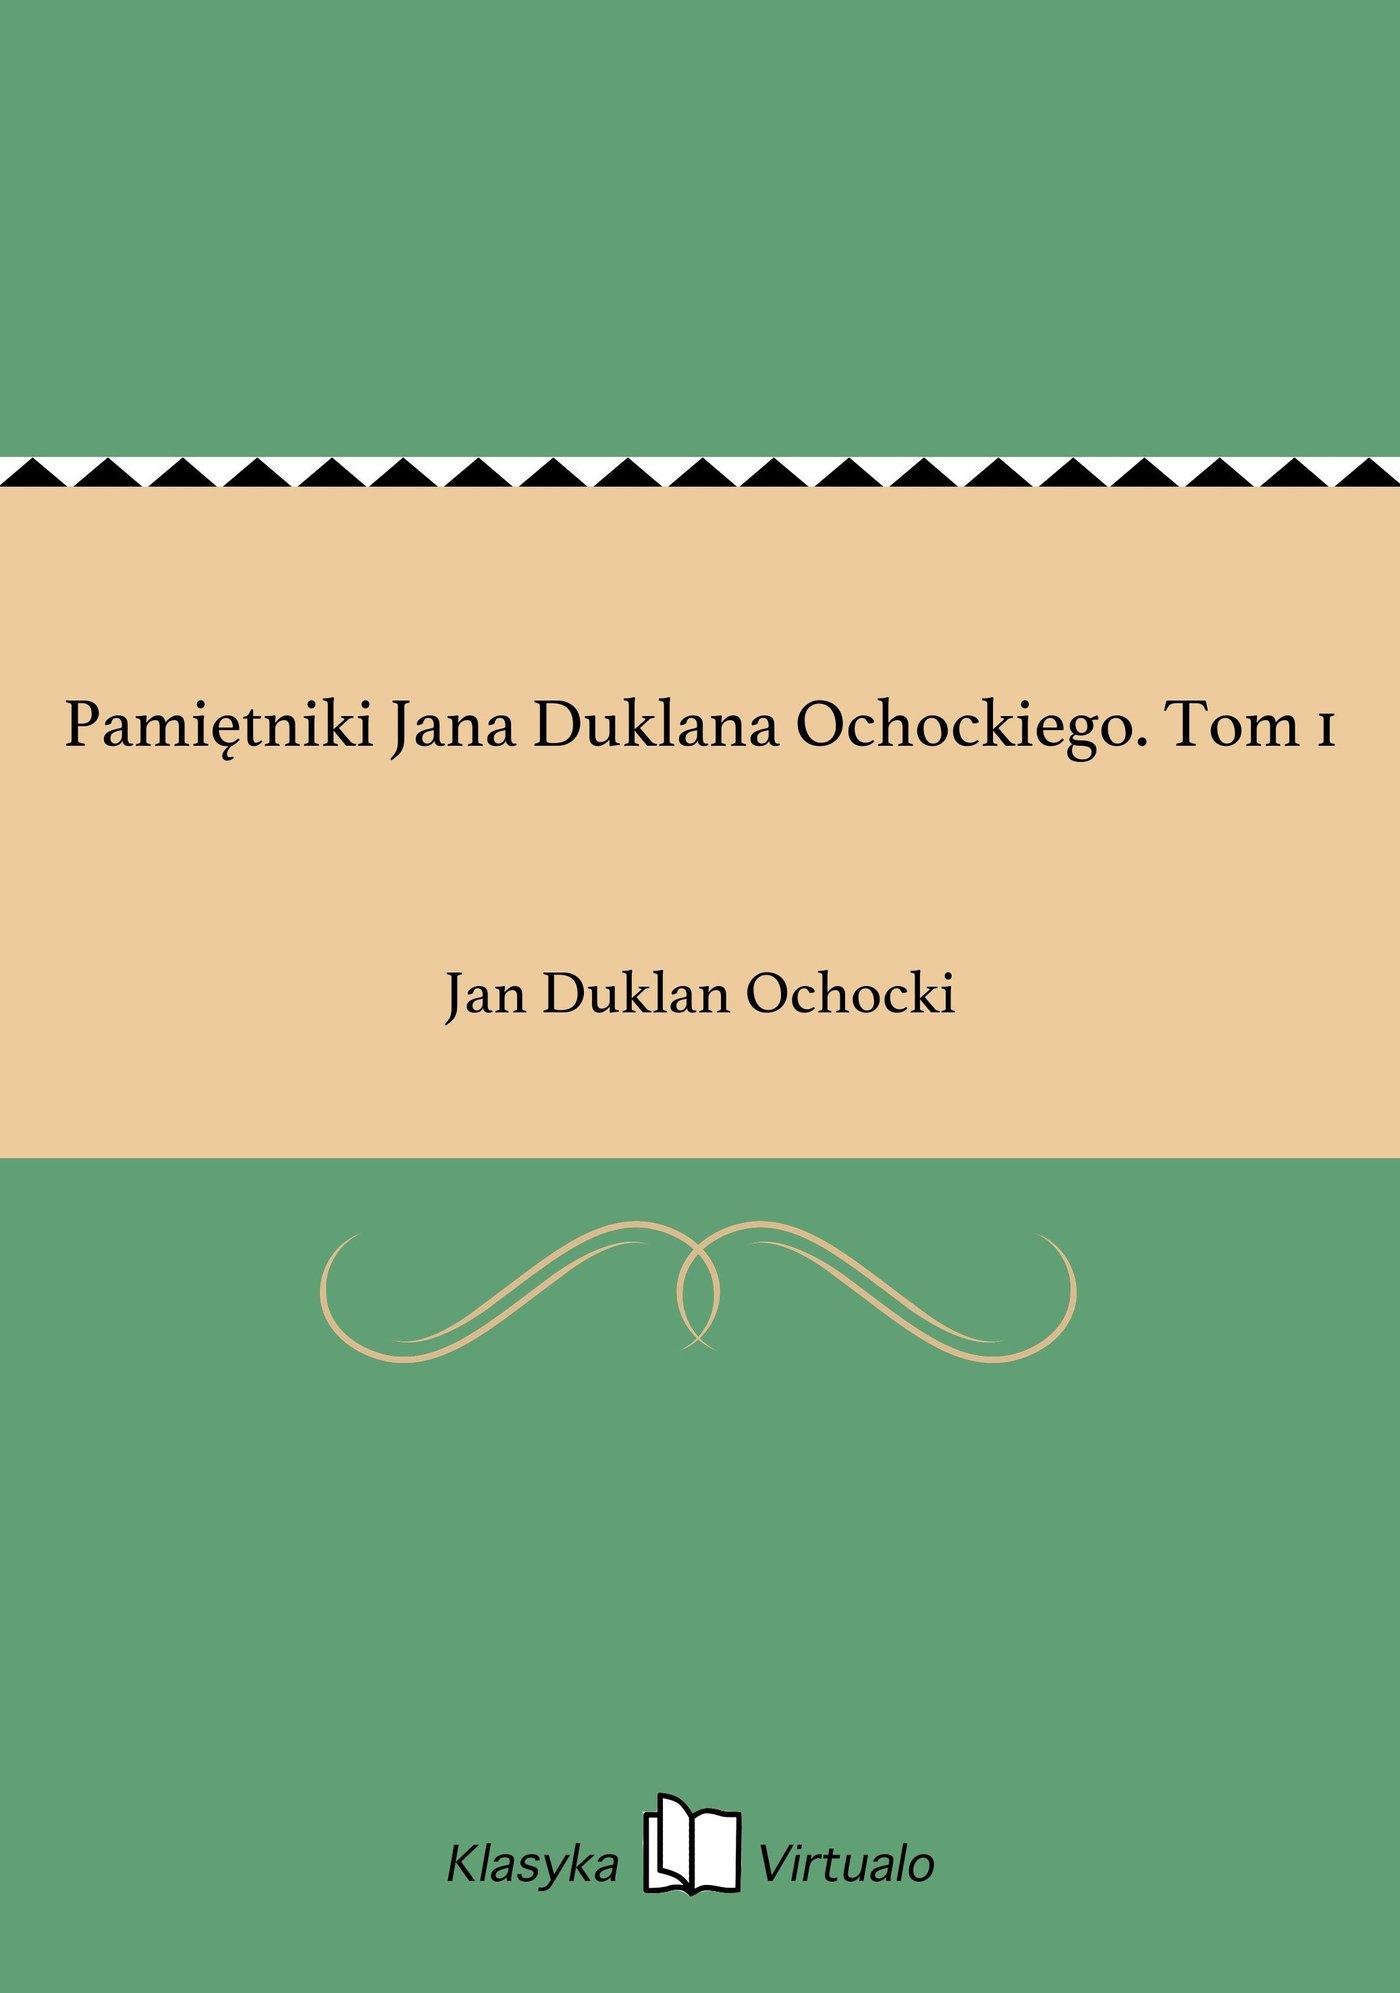 Pamiętniki Jana Duklana Ochockiego. Tom 1 - Ebook (Książka na Kindle) do pobrania w formacie MOBI